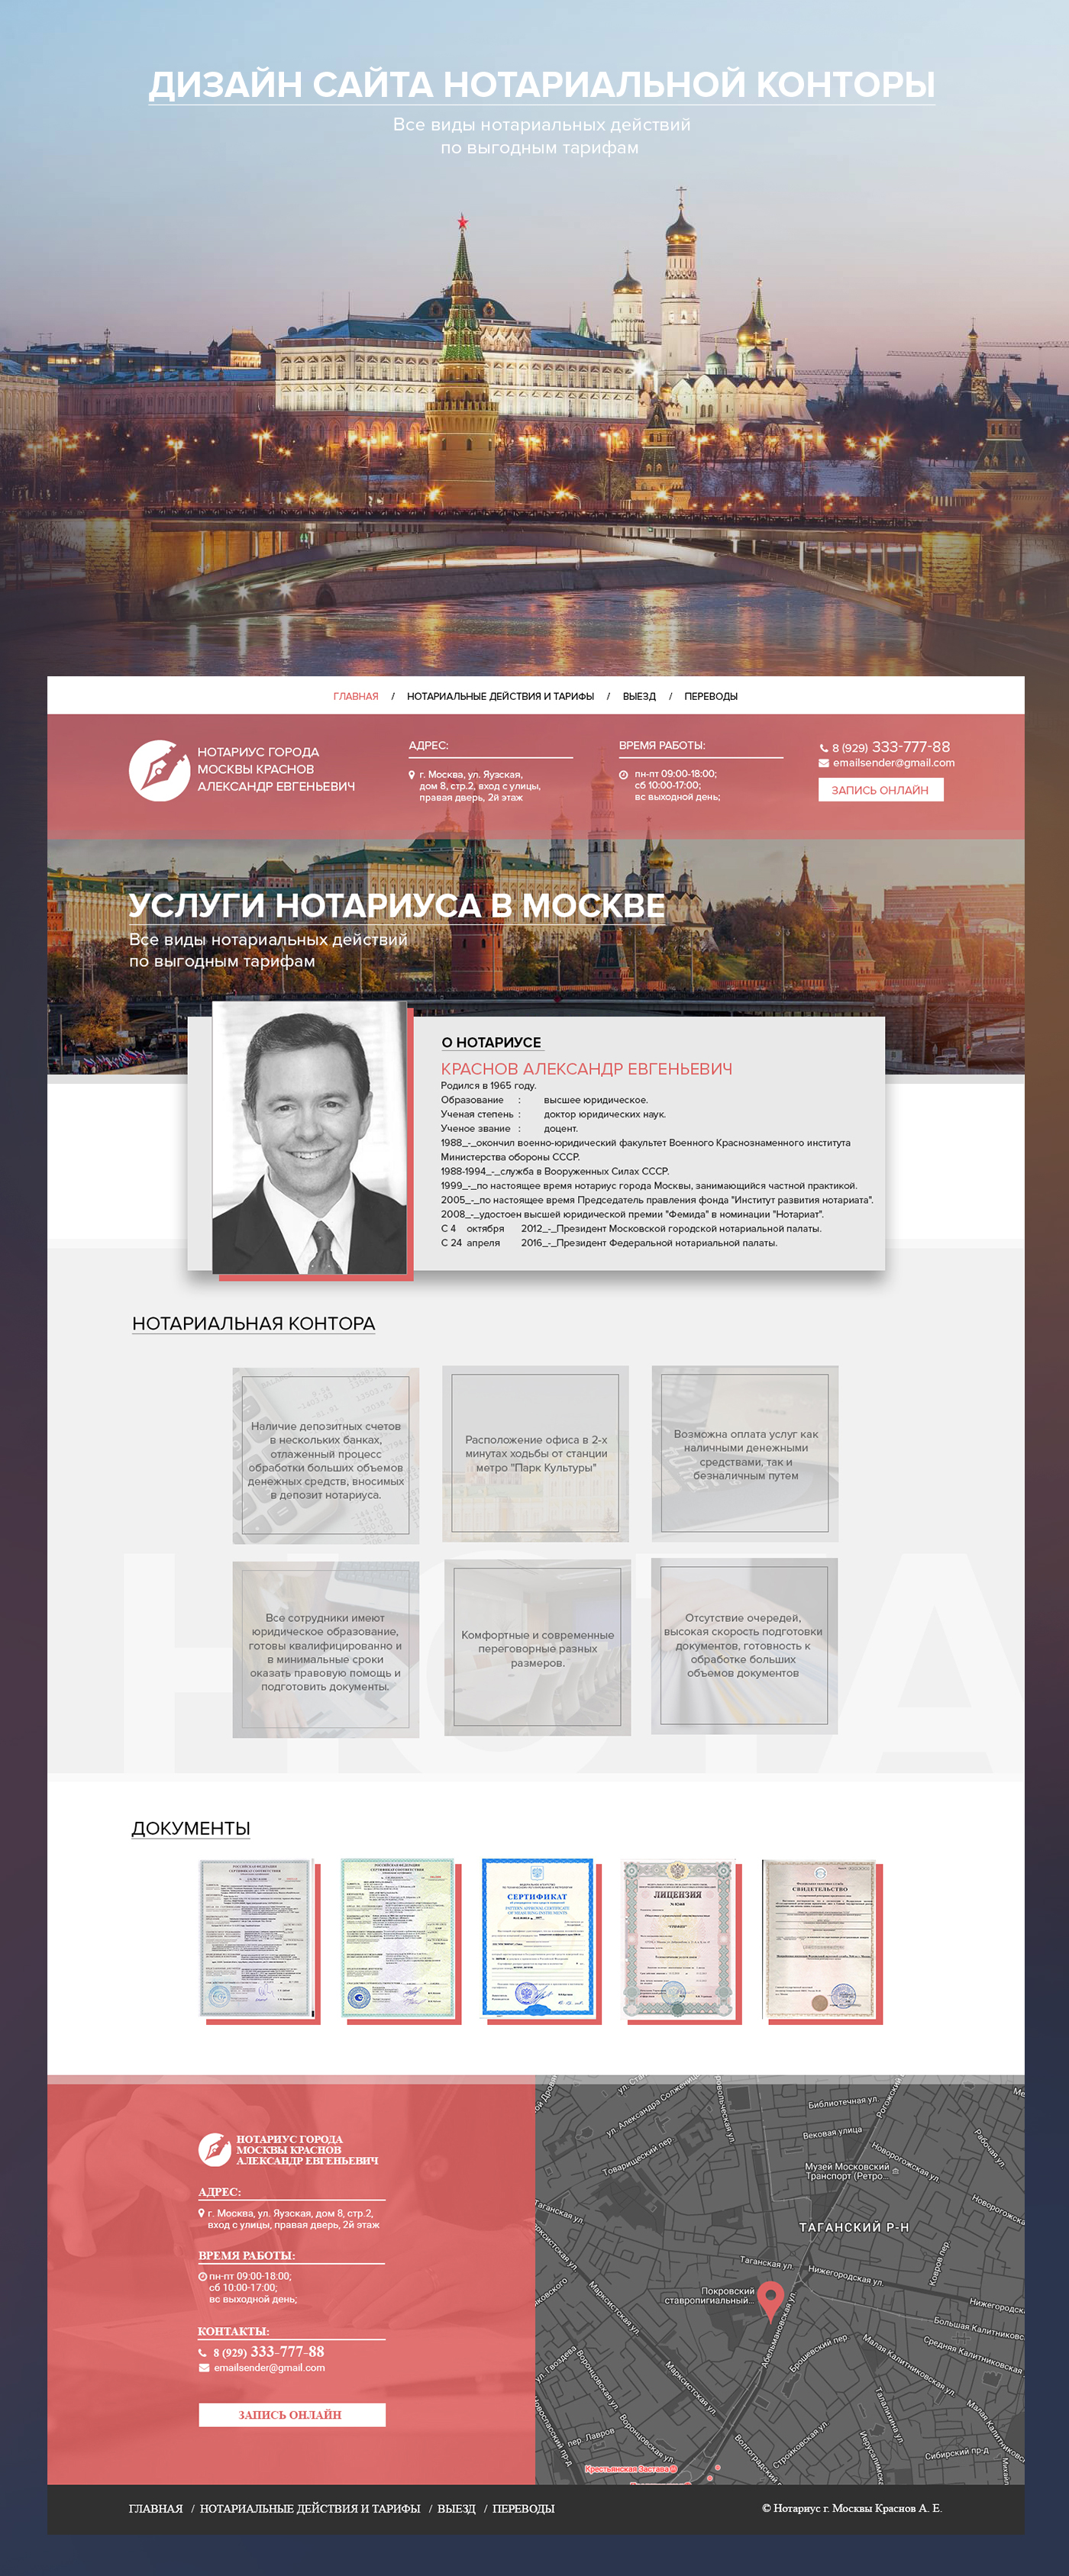 Дизайн сайта нотариальной конторы